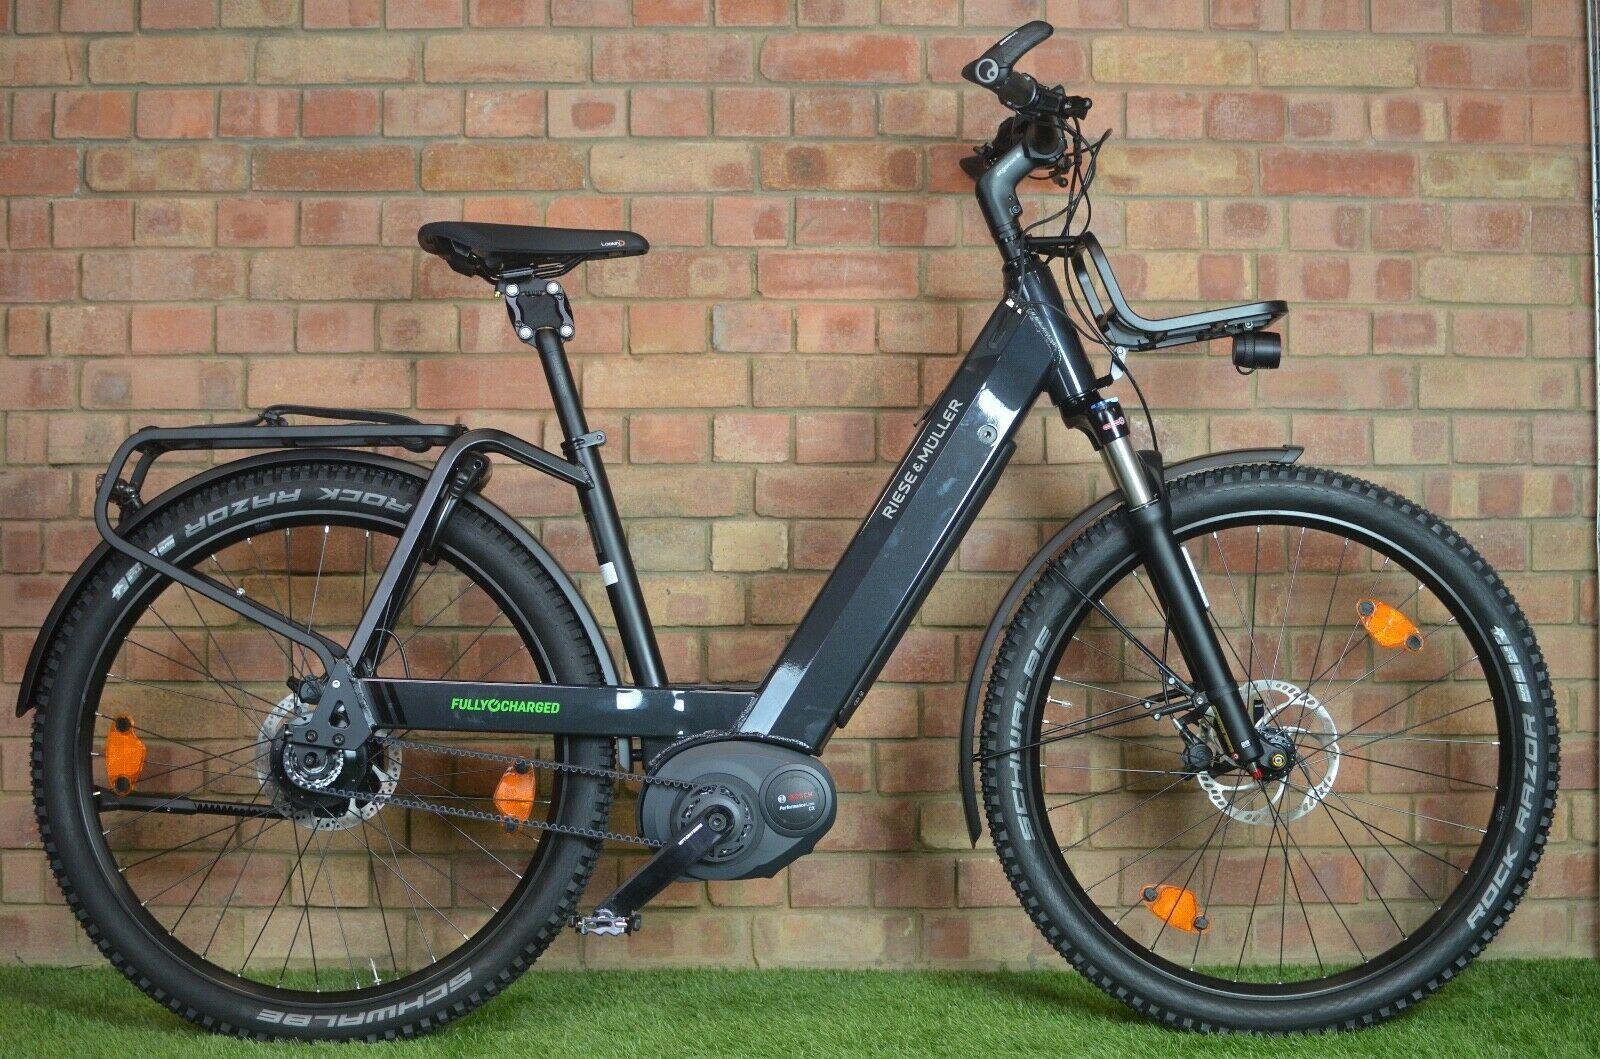 Riese Muller Nevo Gx Rohloff Electric Bike Ebike Electric